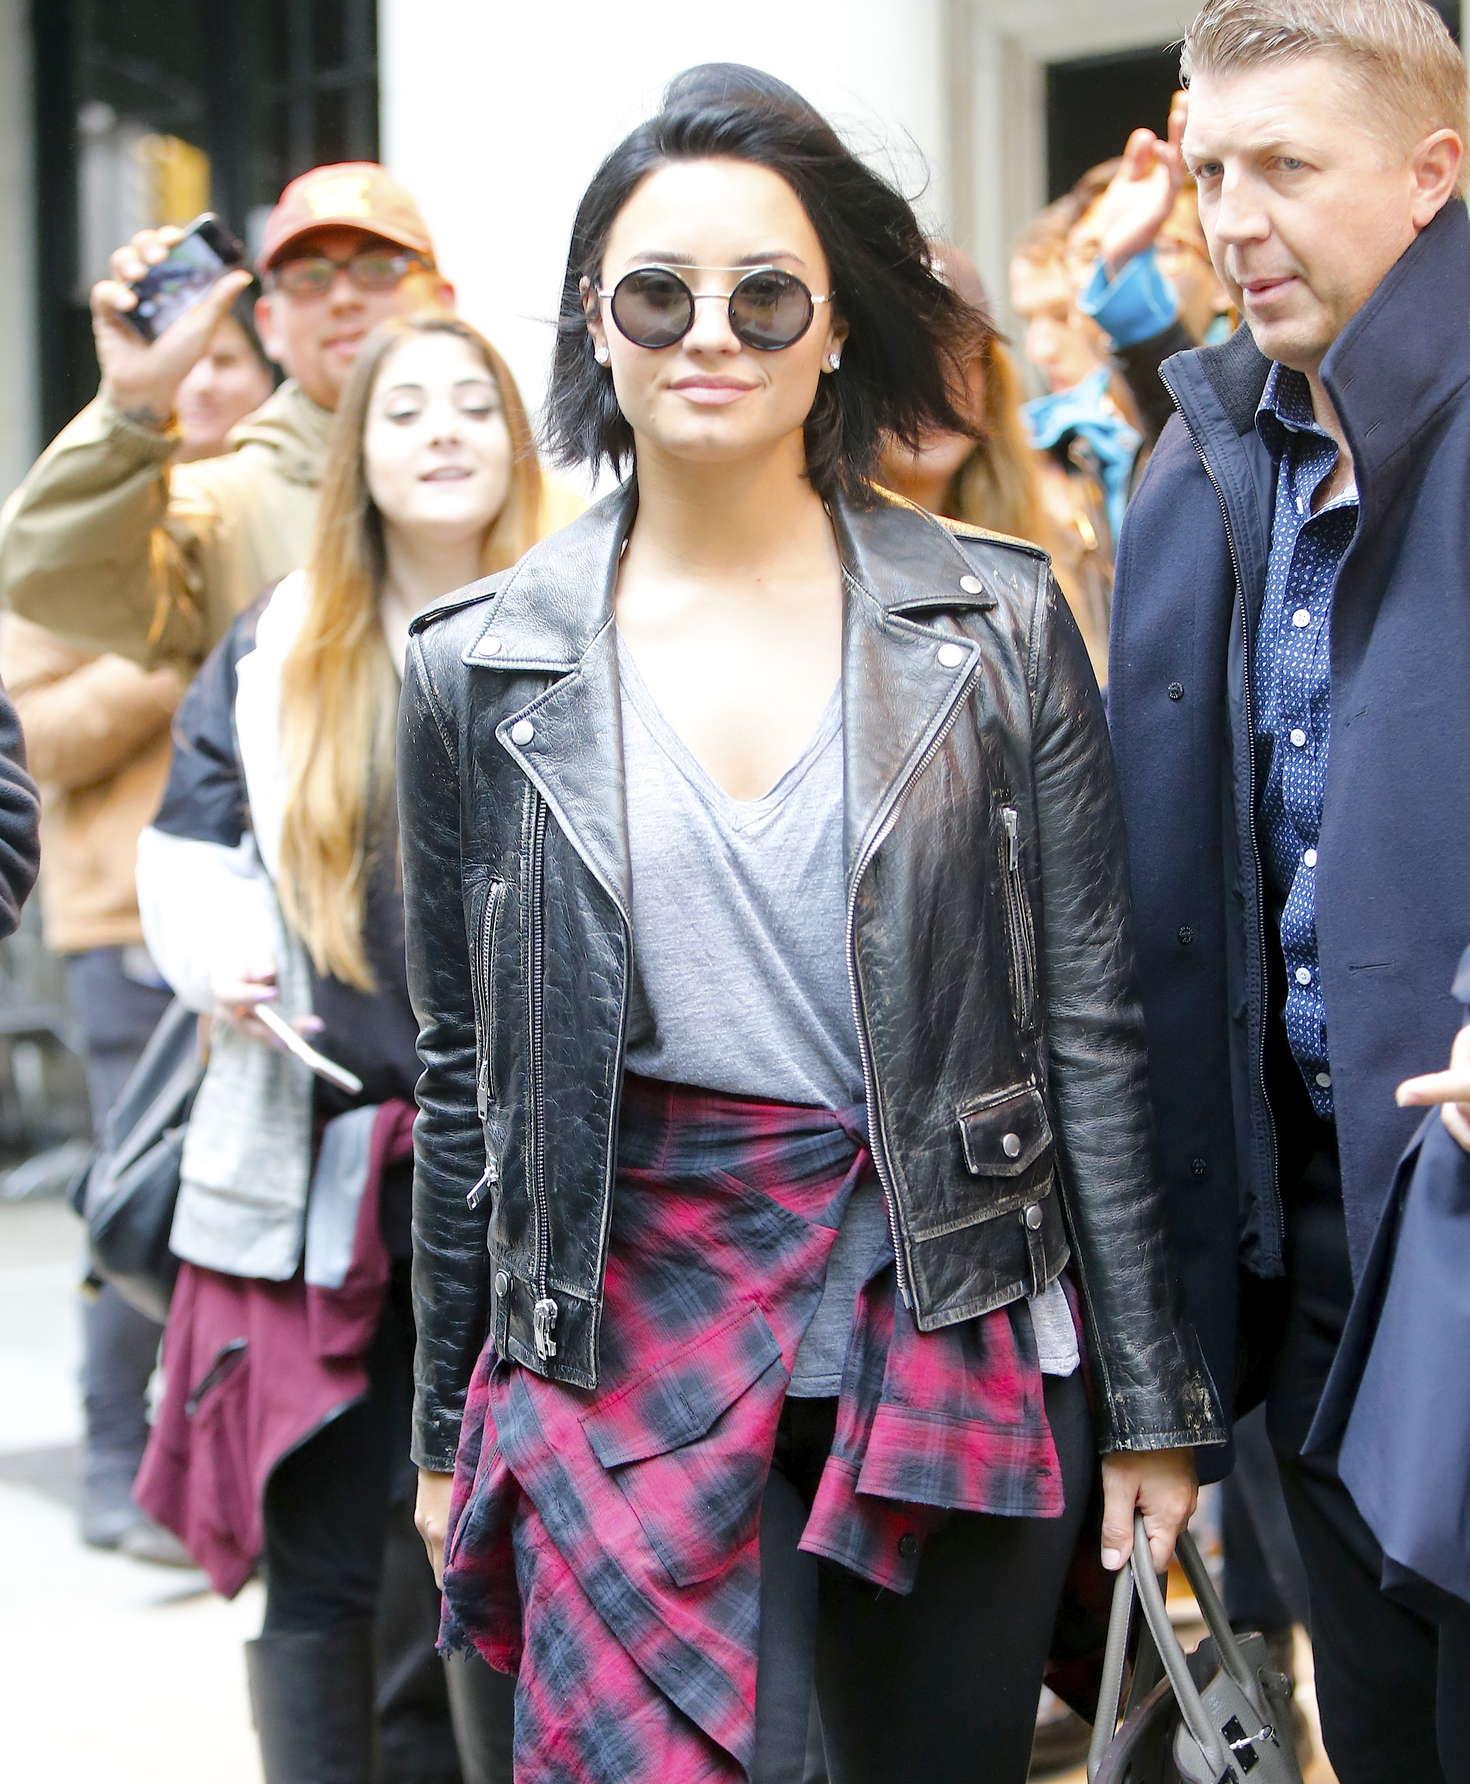 Demi Lovato leaving her hotel in New York